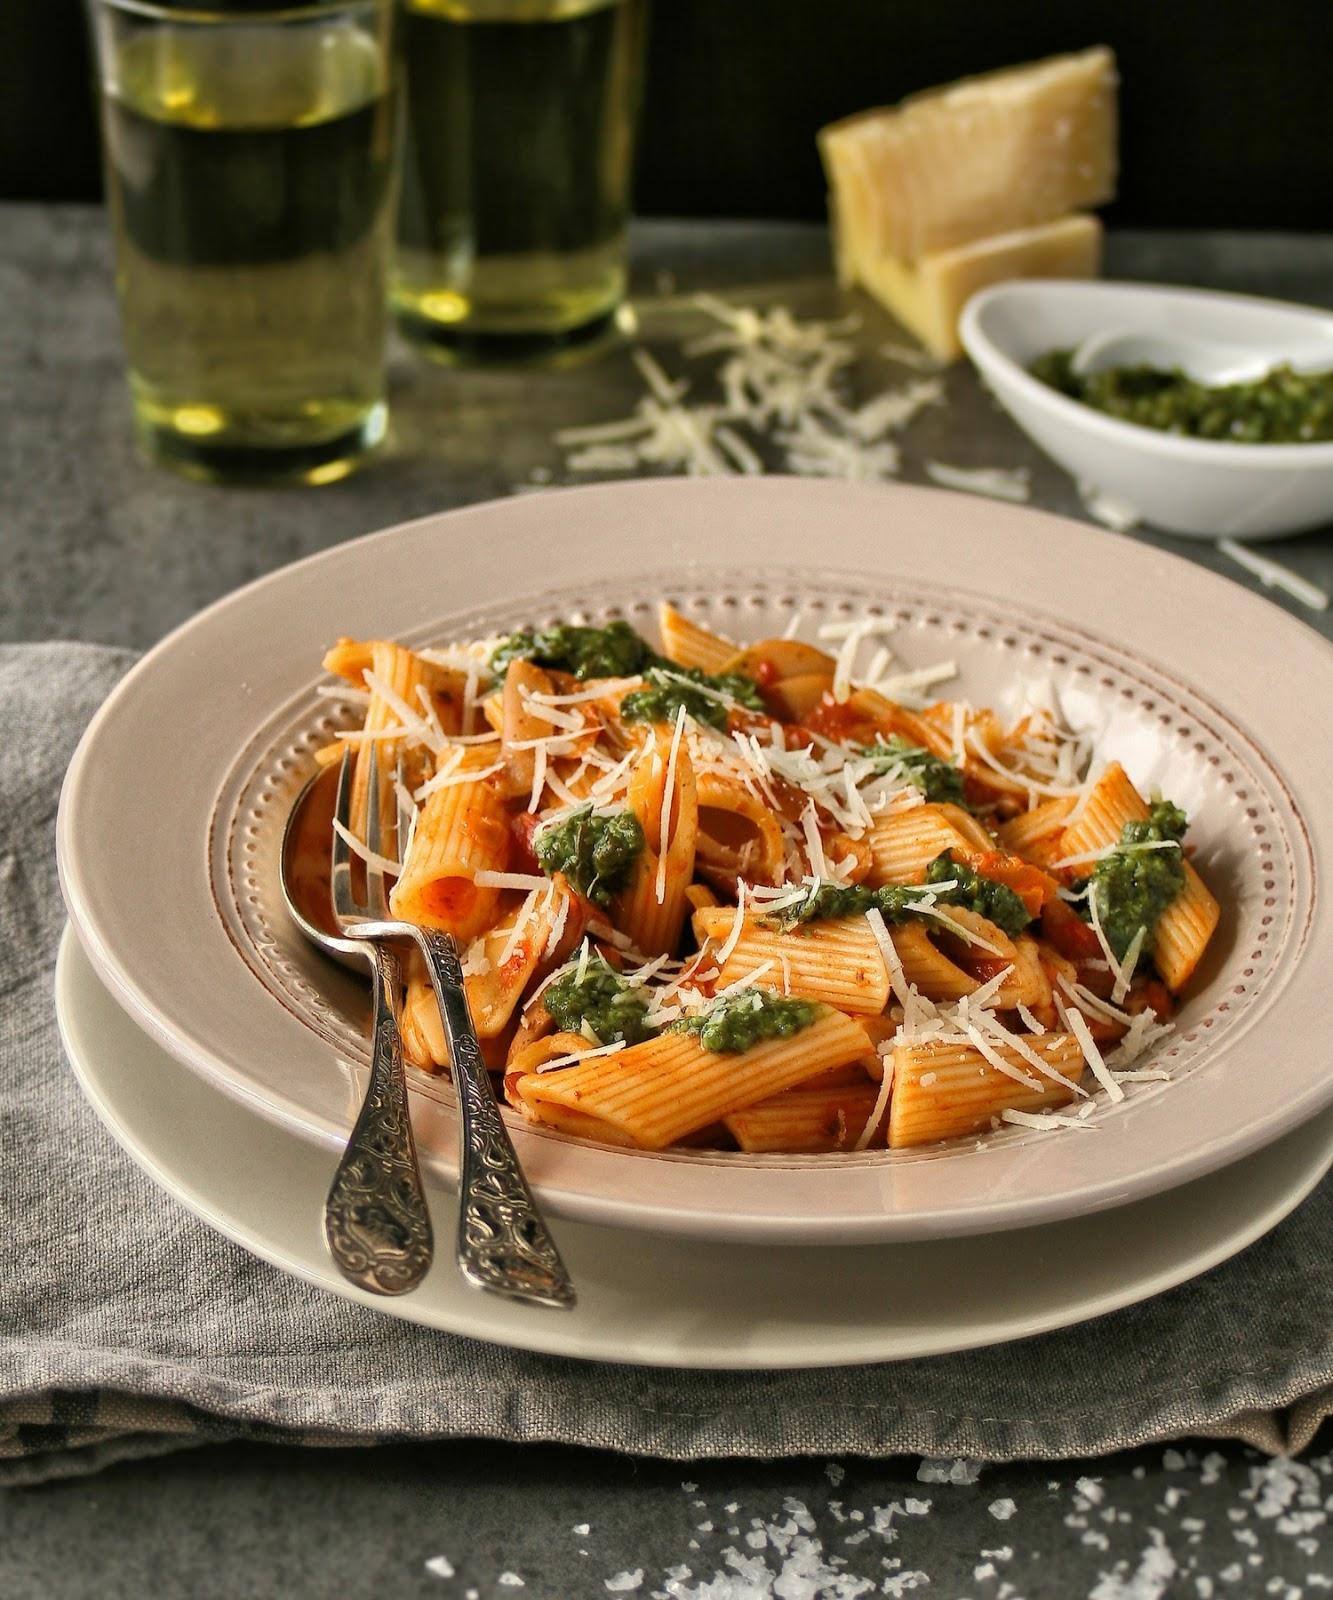 Quick pasta dishes